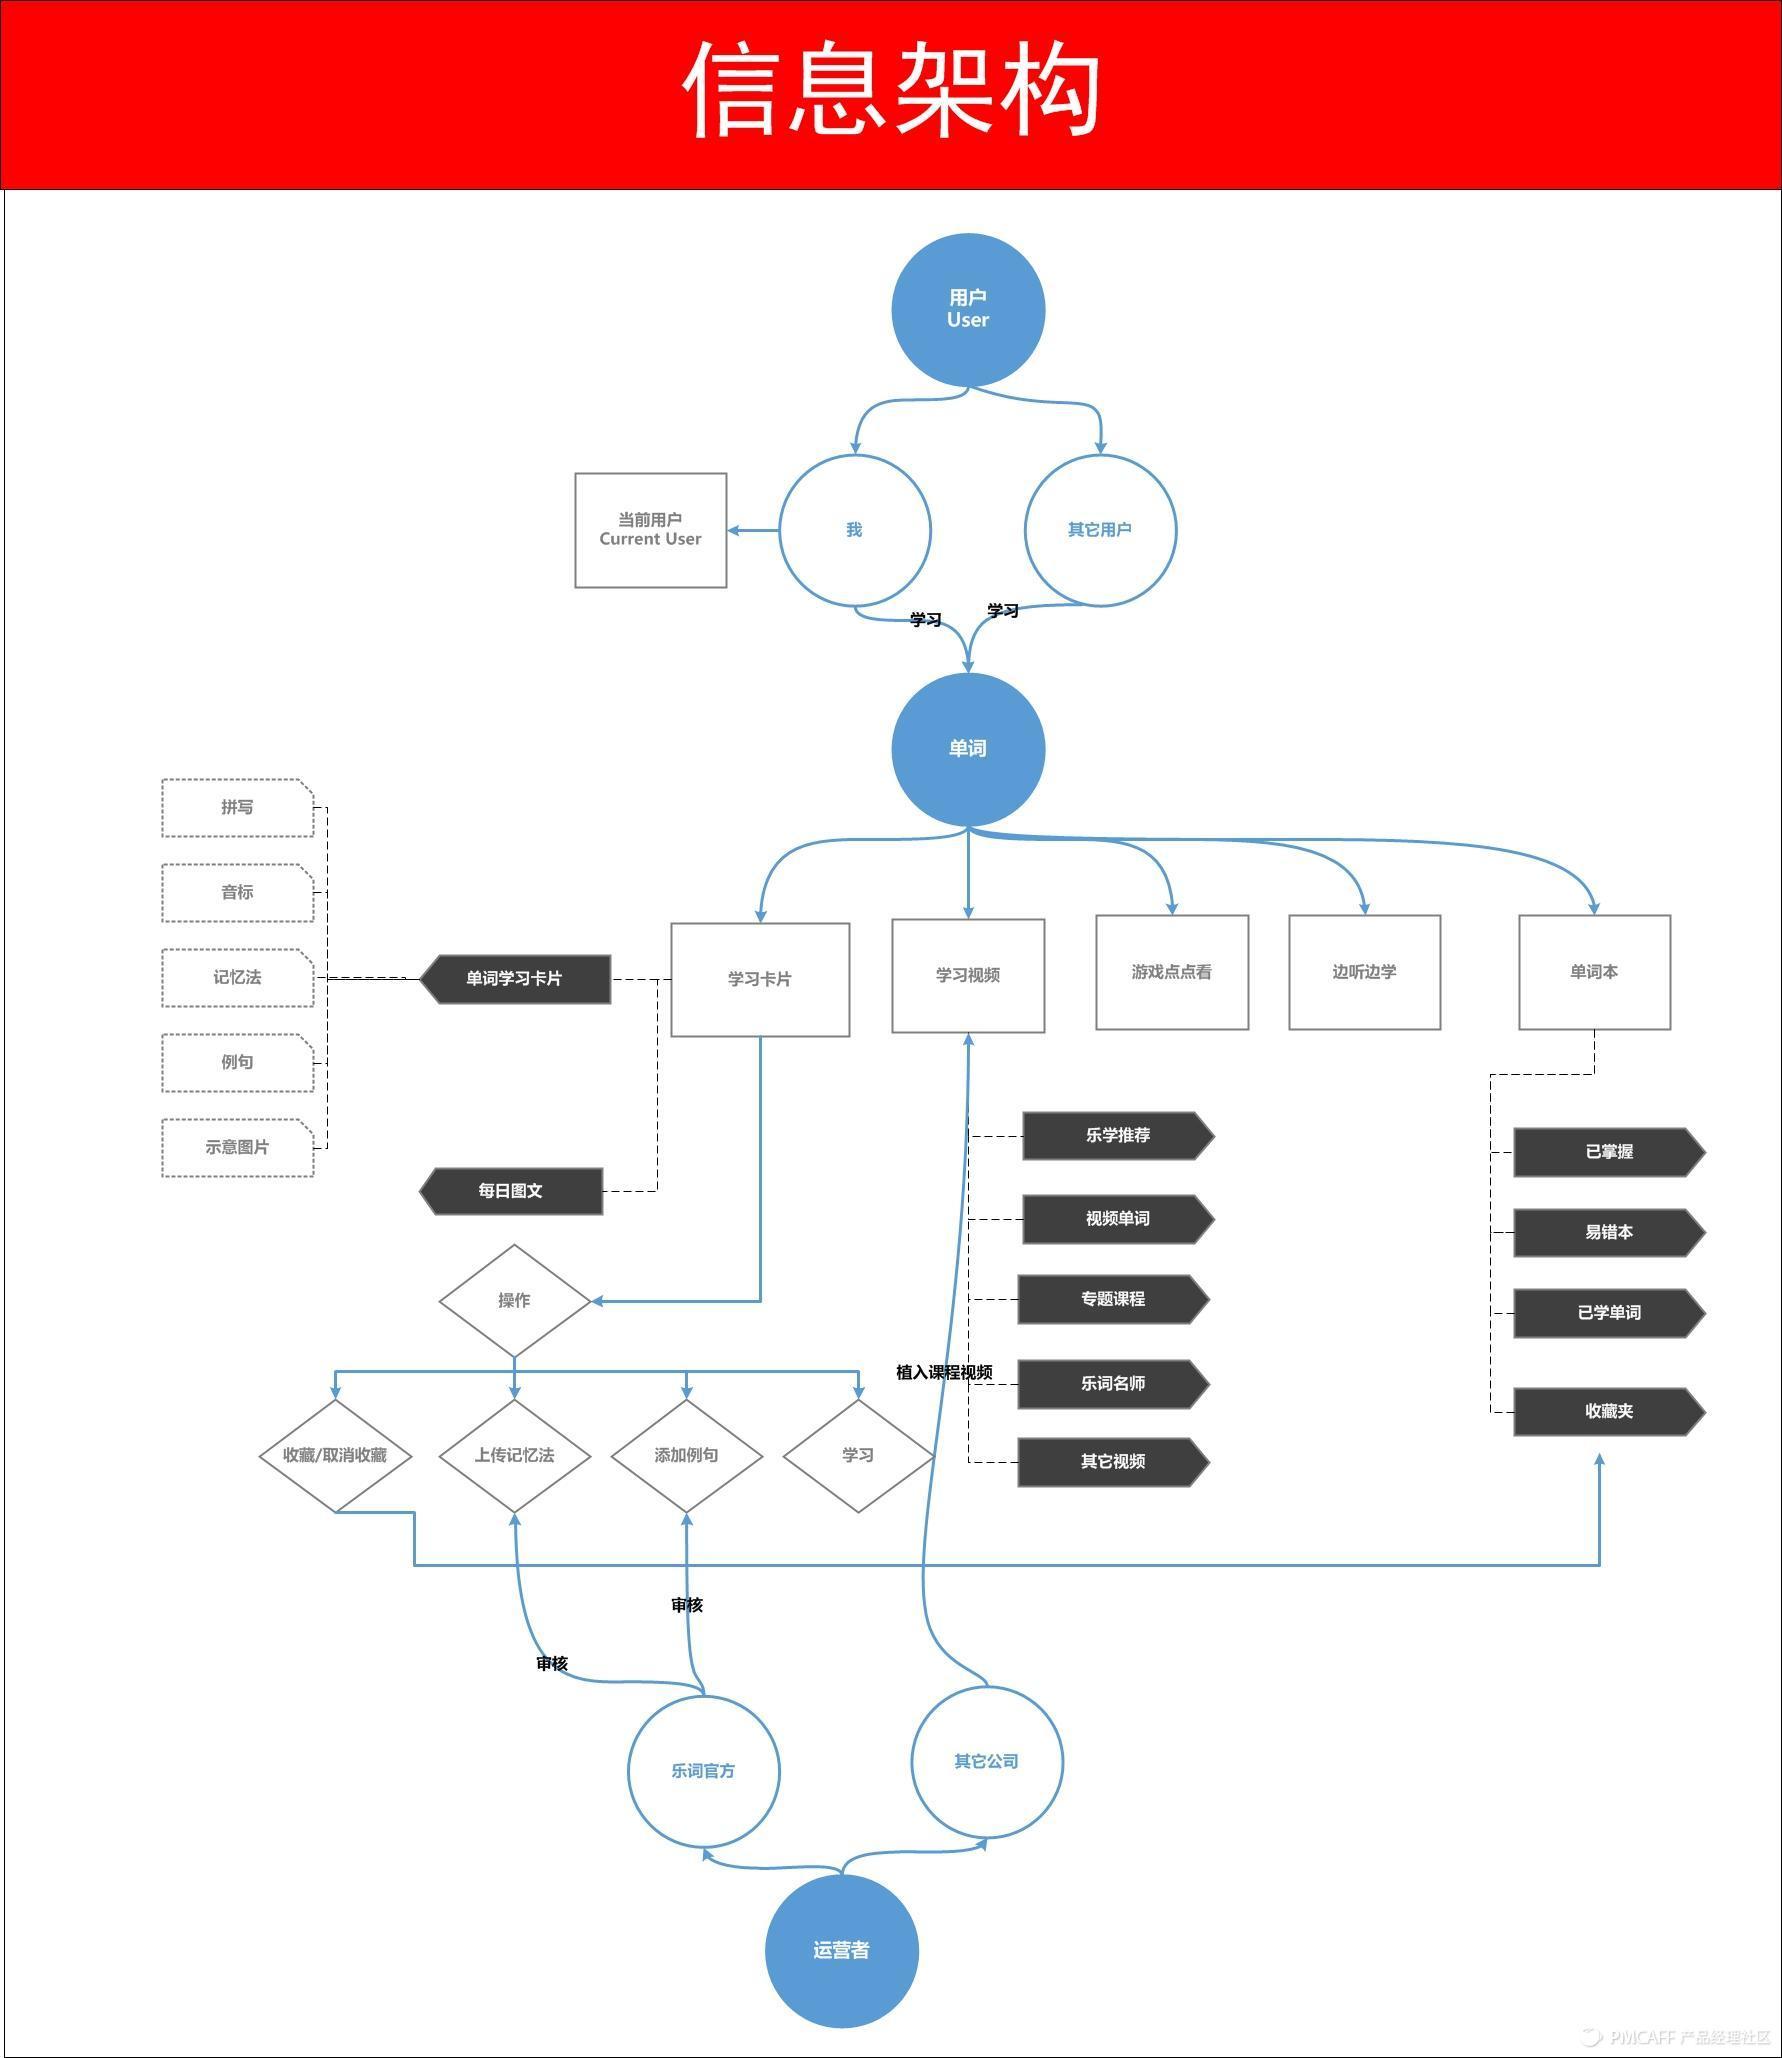 源文件[逆向工程]信息架构推演(微信消息列表)步骤细节+新手扫盲 - 副本.jpg